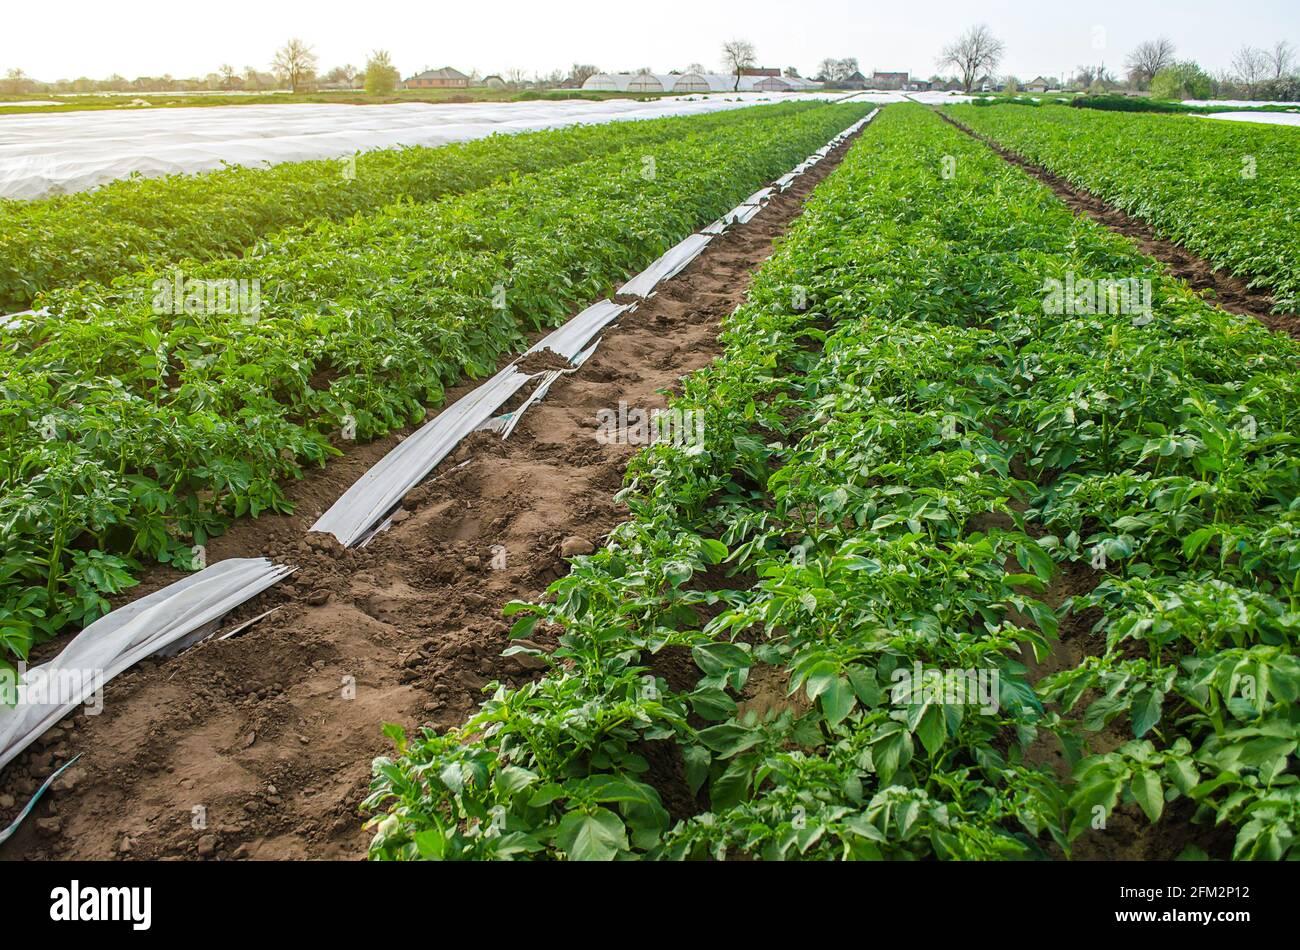 Variedad Riviera arbustos de papa en campo de plantación. Cultivo de verduras de alimentos. Olericultura. Agricultura agrícola en terreno abierto. Agroindustria. Subgrupo de agricultores Foto de stock